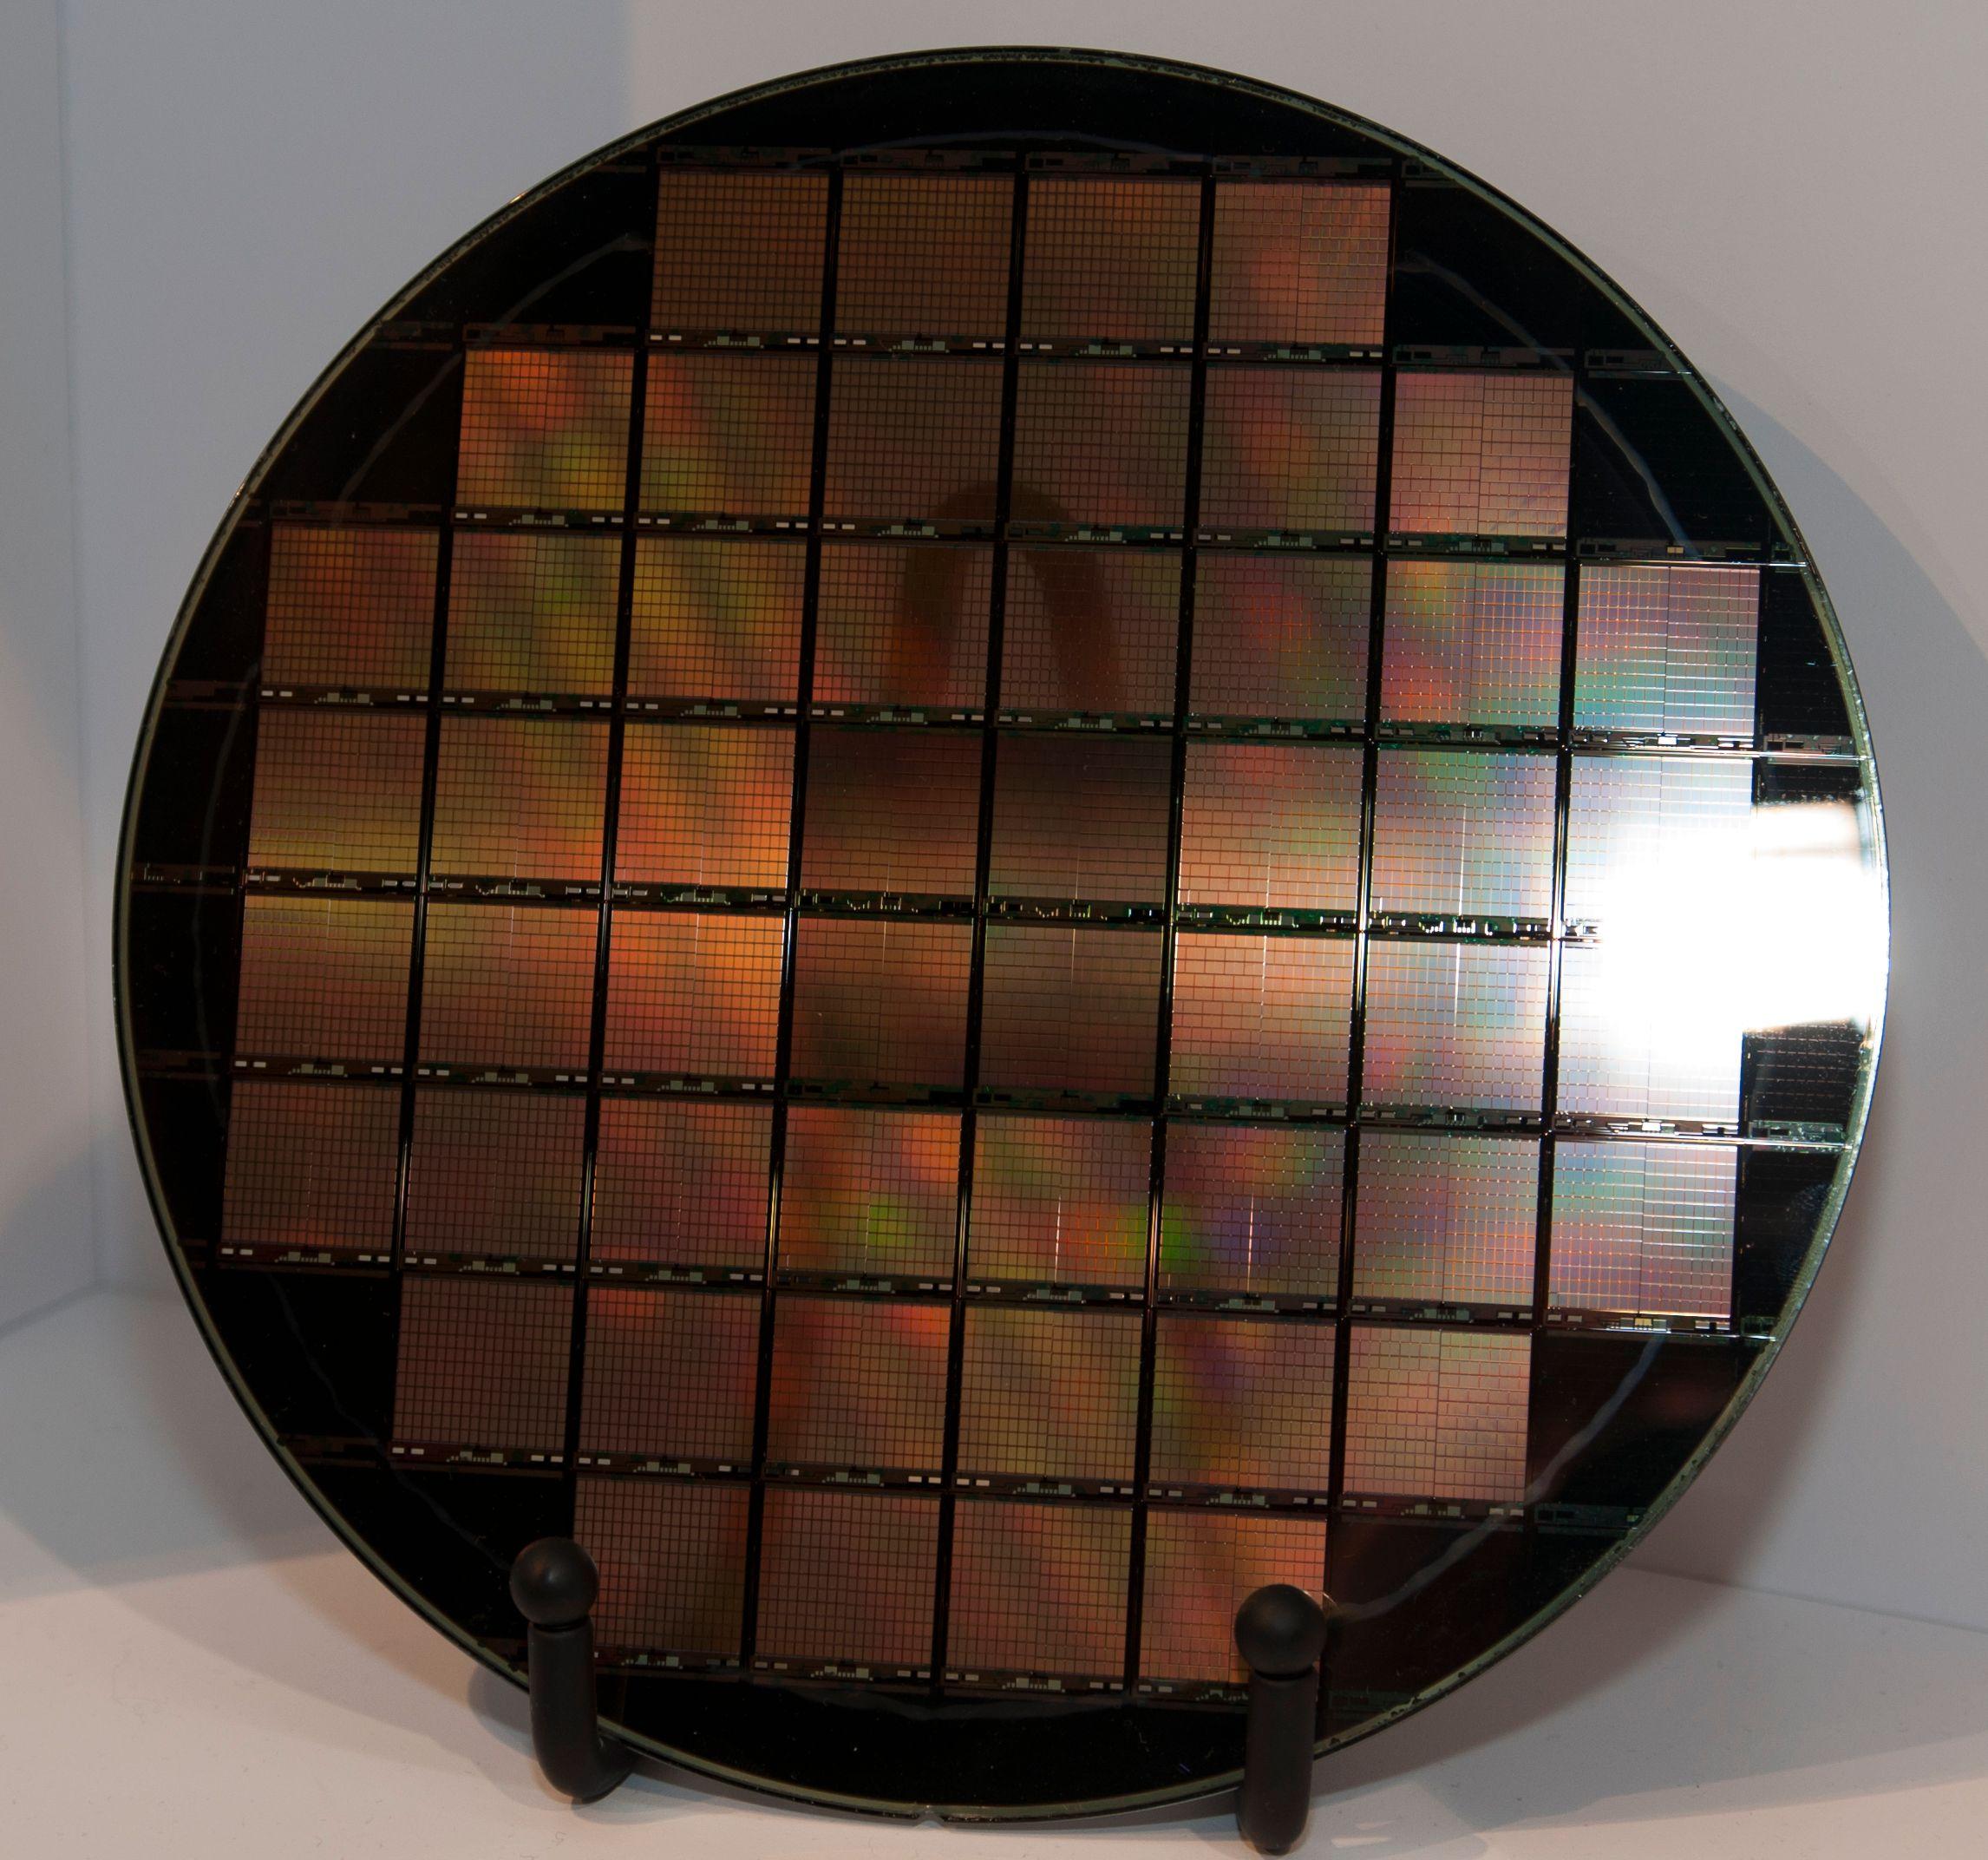 Én av disse små brikkene utgjør den aktive komponenten i Nectar-løsningen. Brikkene er designet av Liliputian Systems, og produseres i samarbeid med Intel.Foto: Finn Jarle Kvalheim, Amobil.no